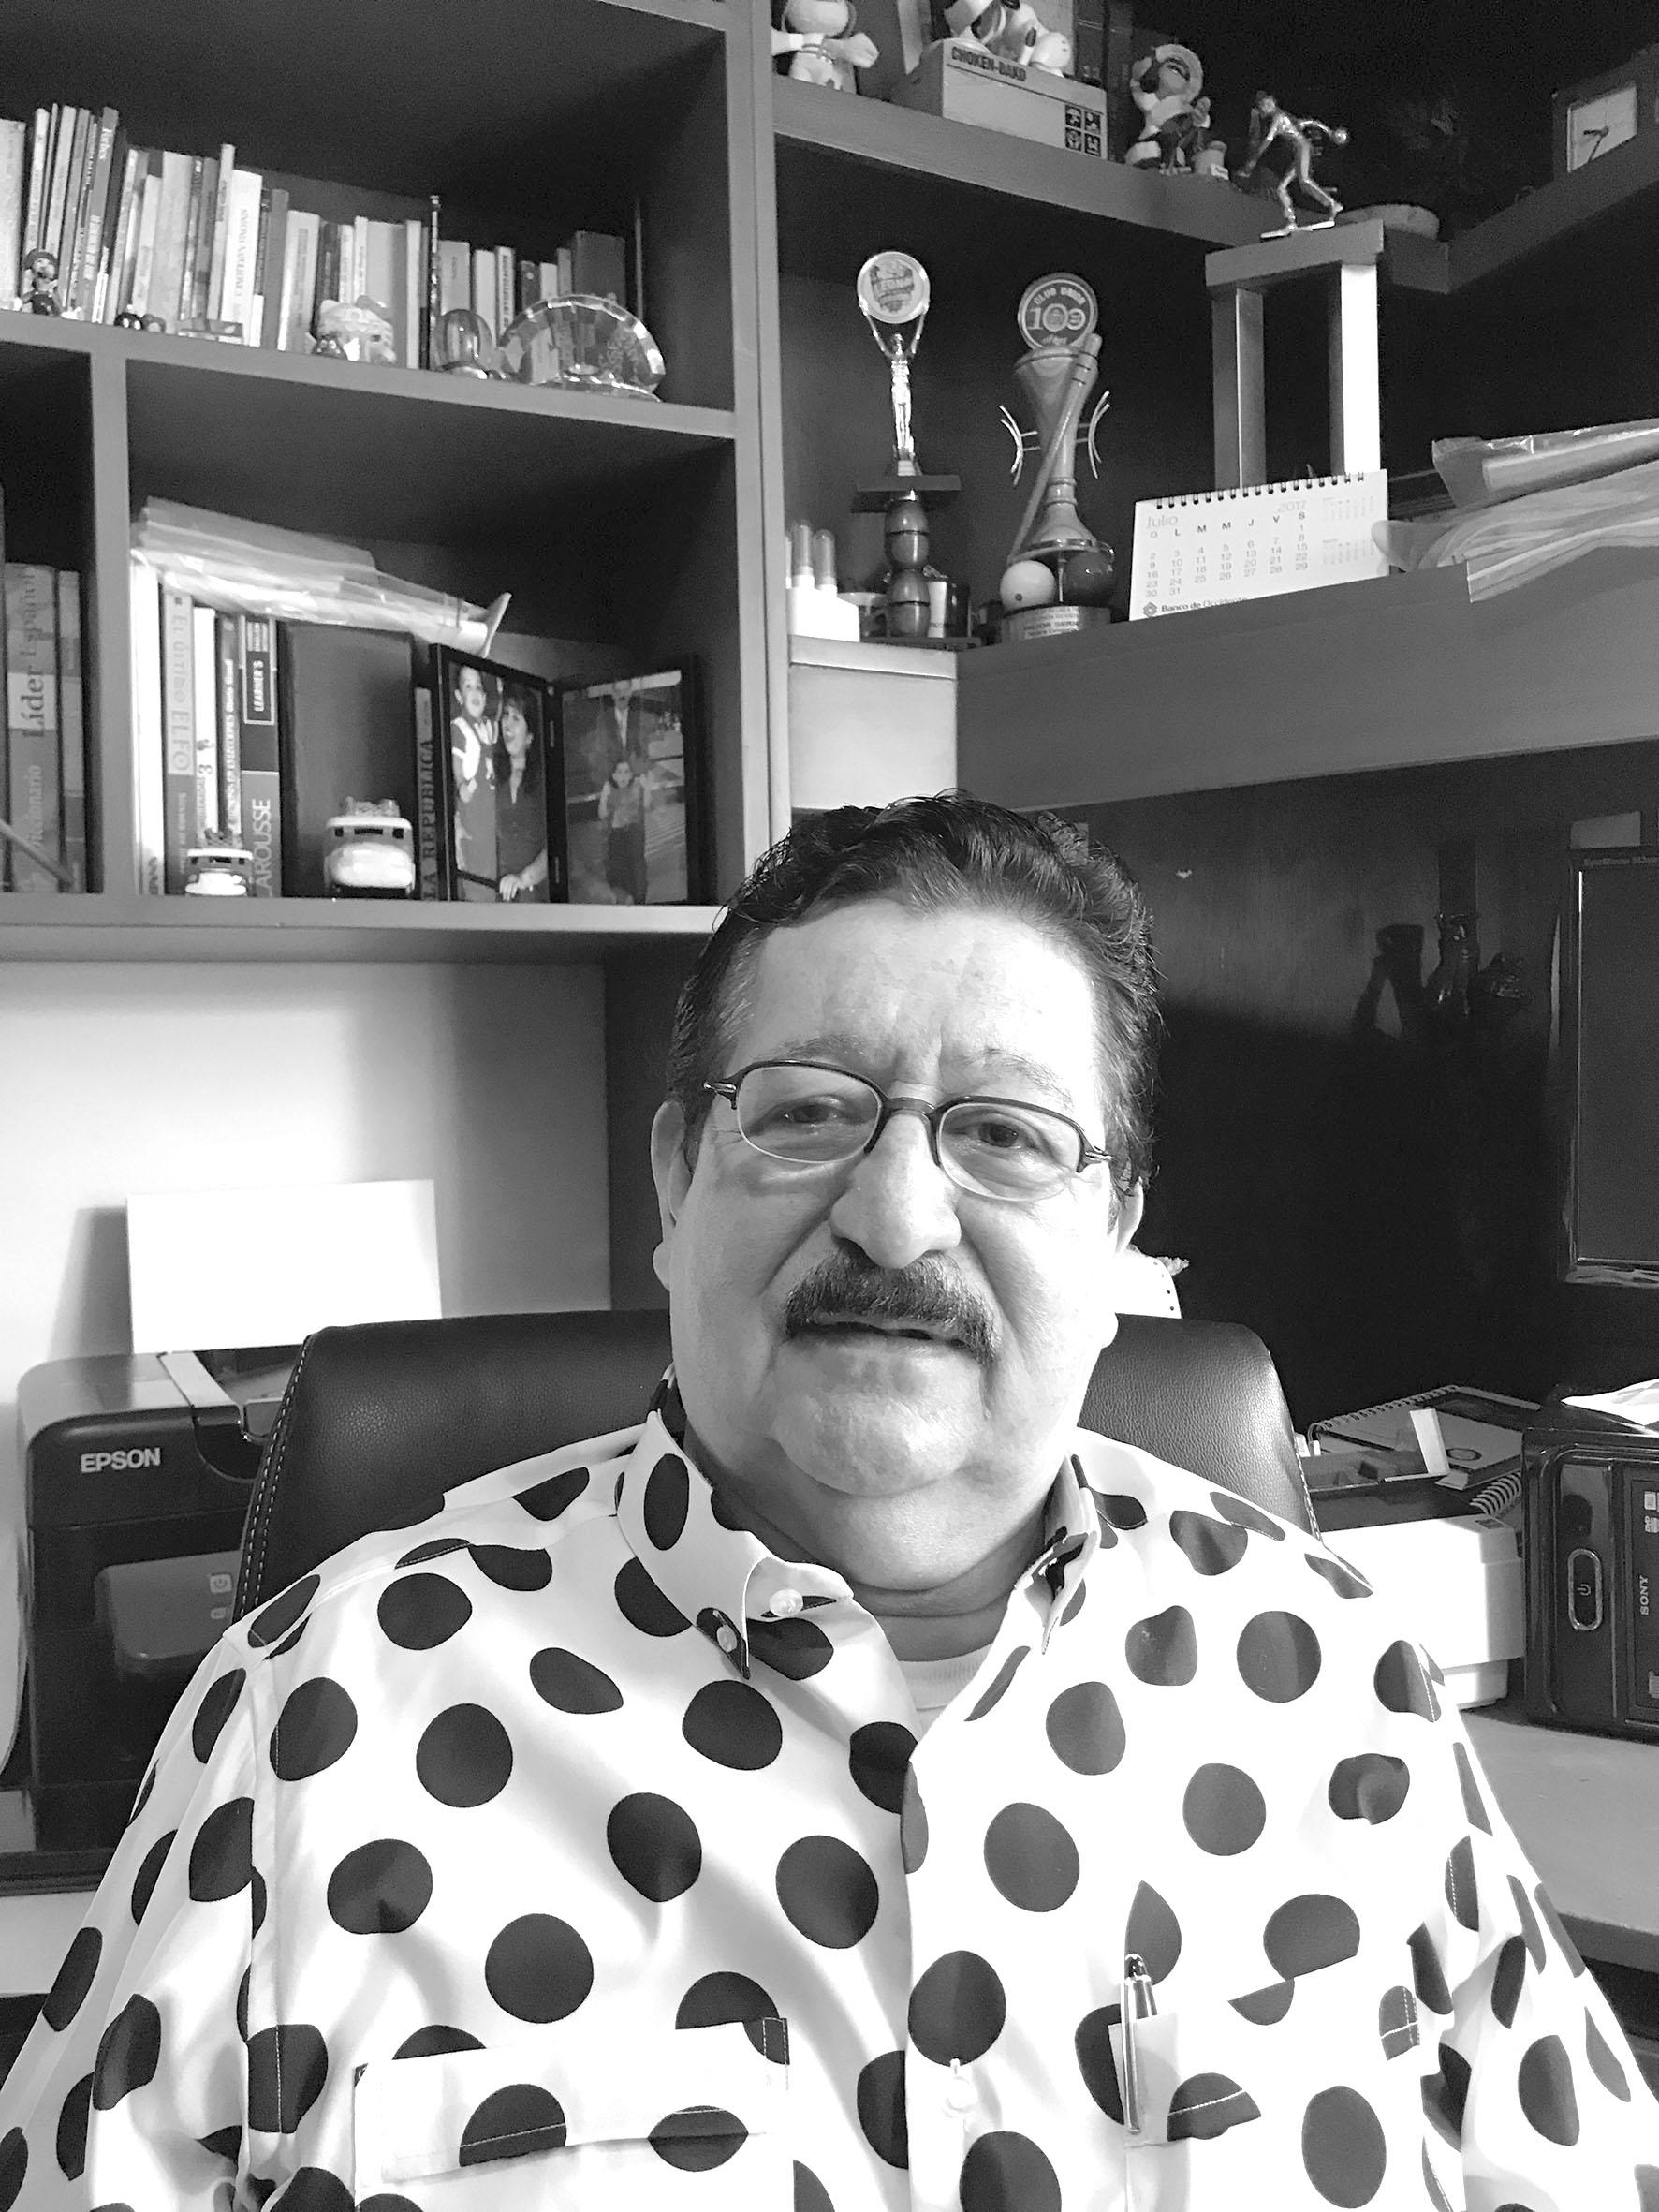 Señor empresario Por: José Caicedo Solano | Columnistas | Opinión | EL FRENTE